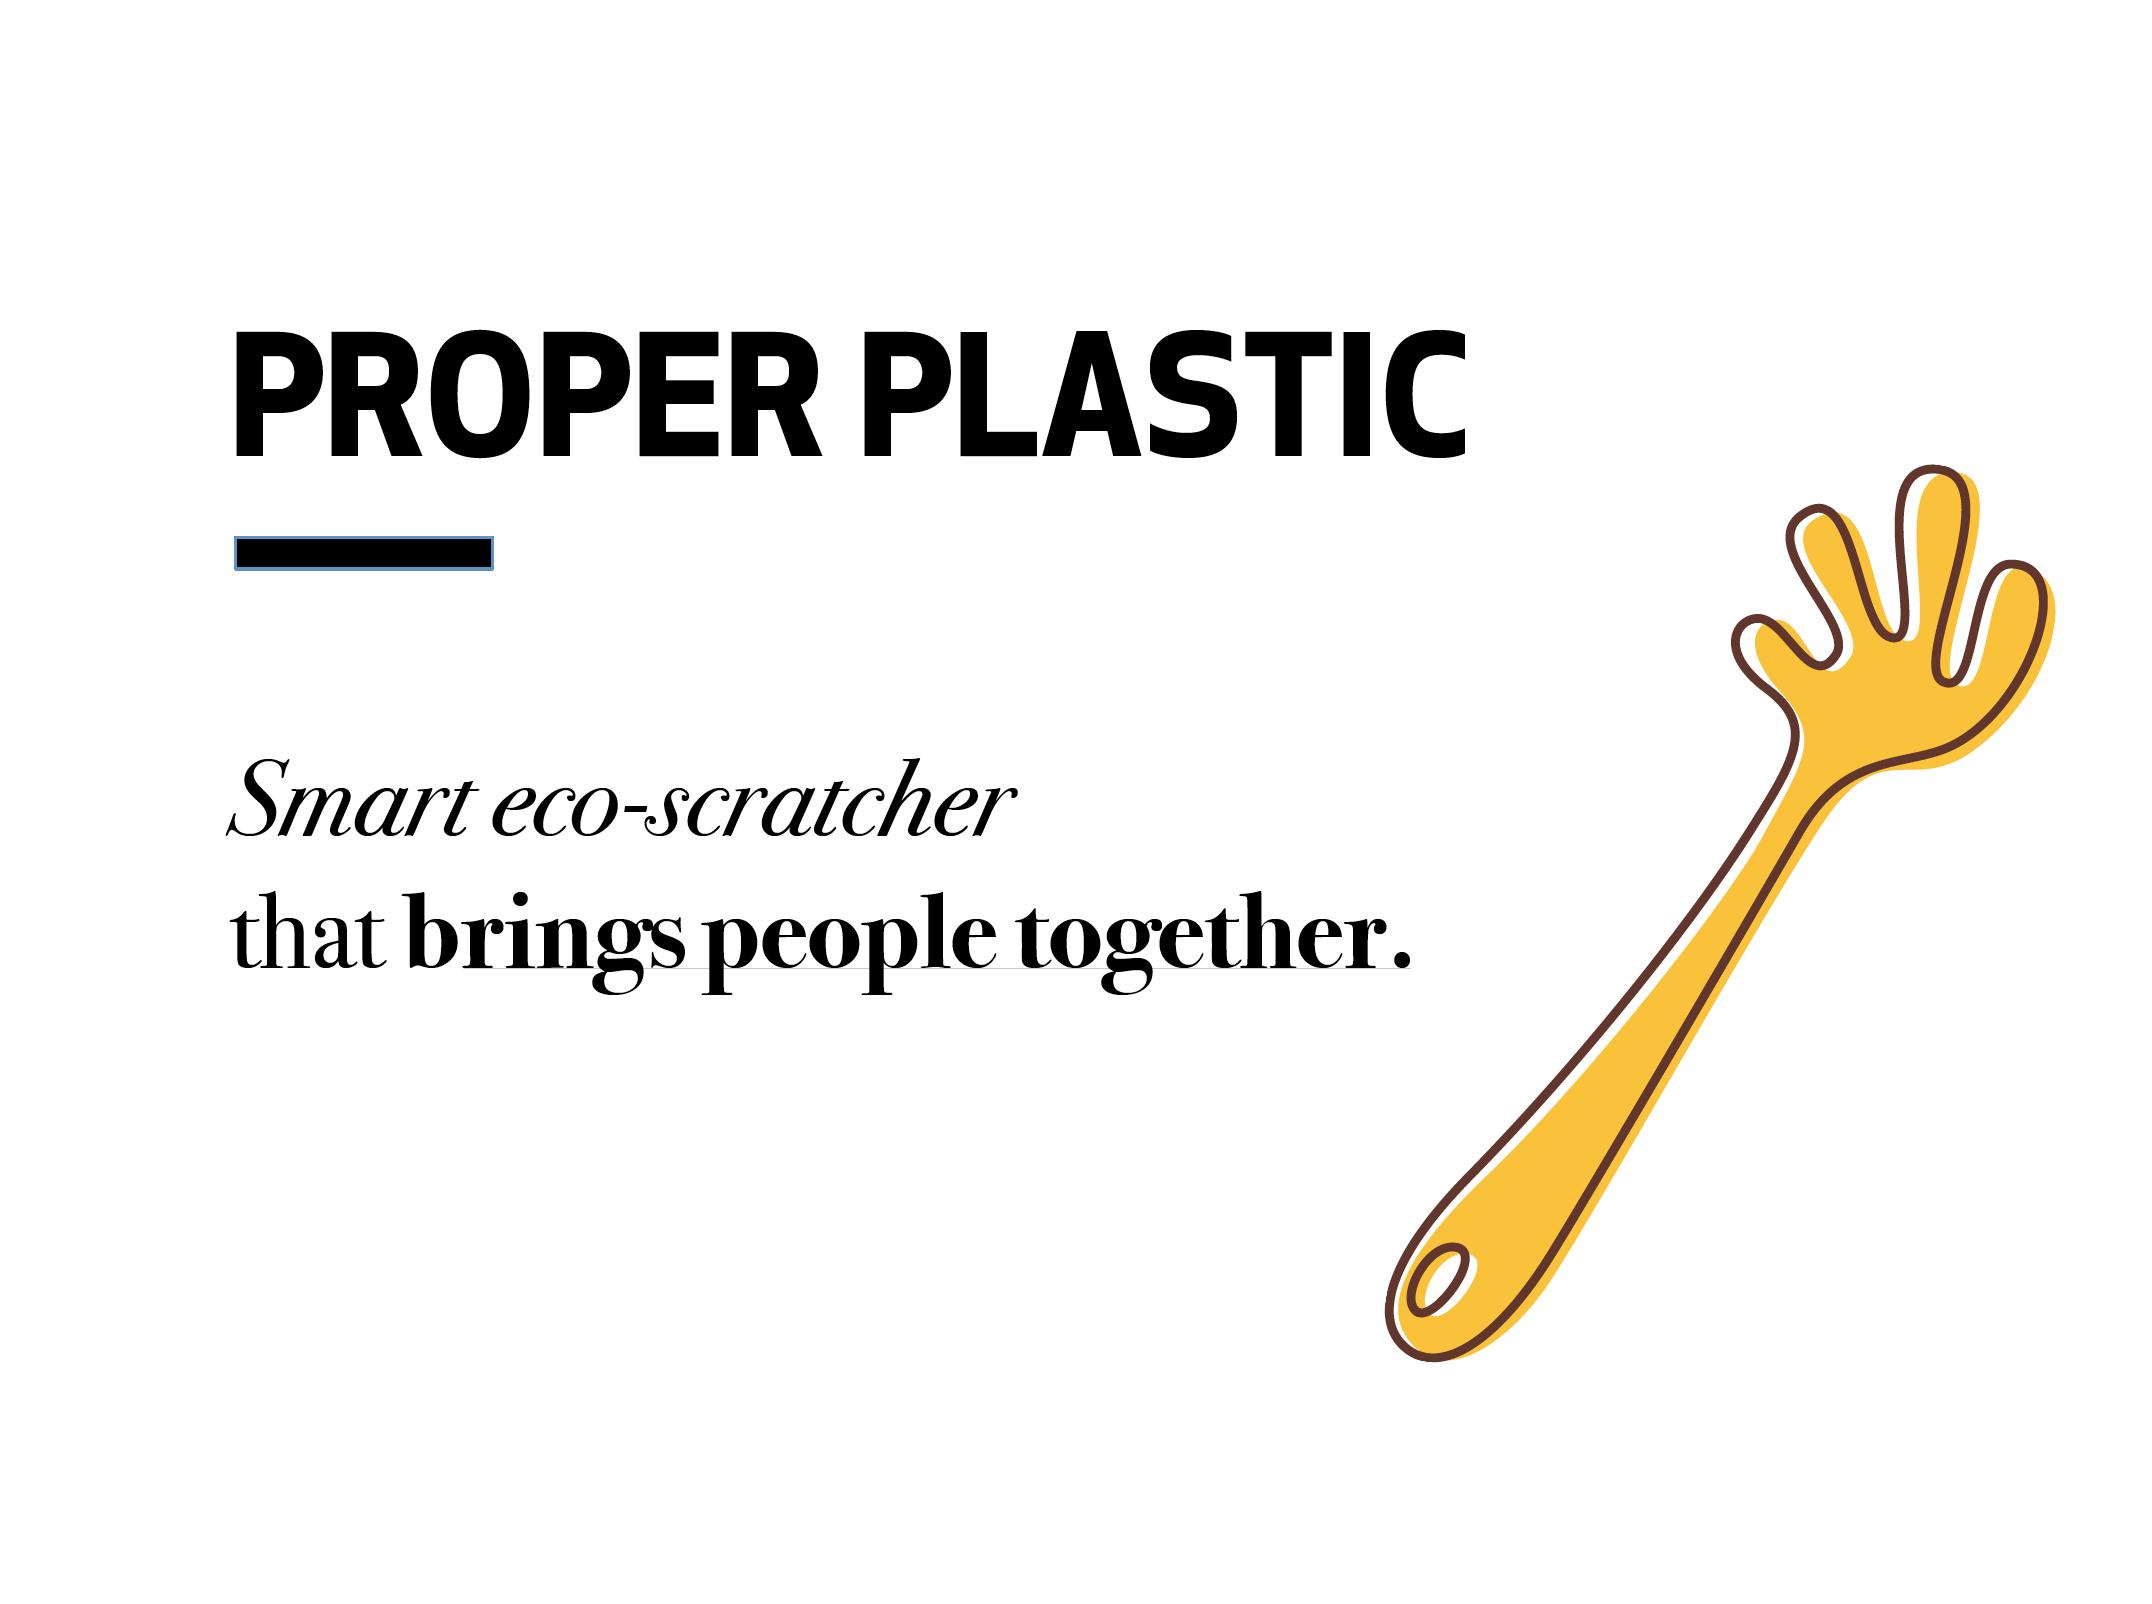 Proper Plastic